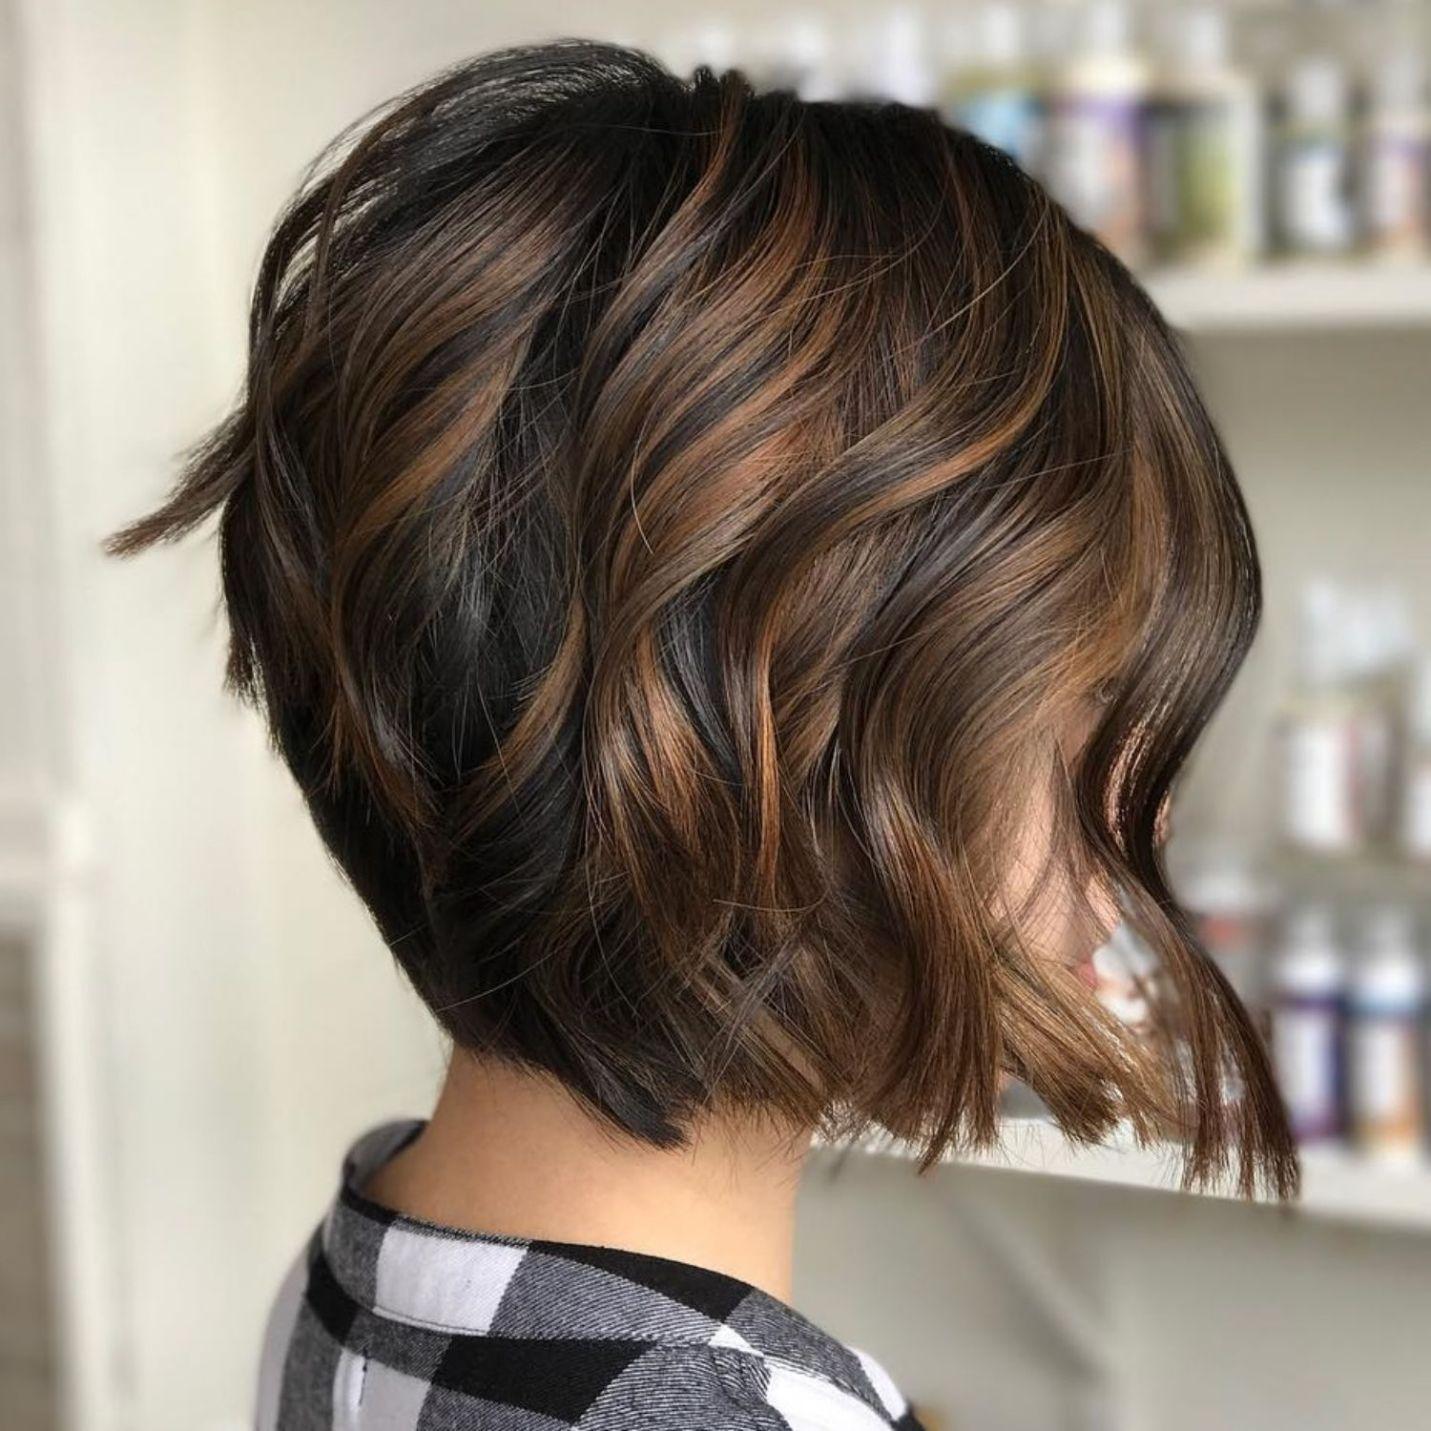 Шатуш фото на короткие темные волосы